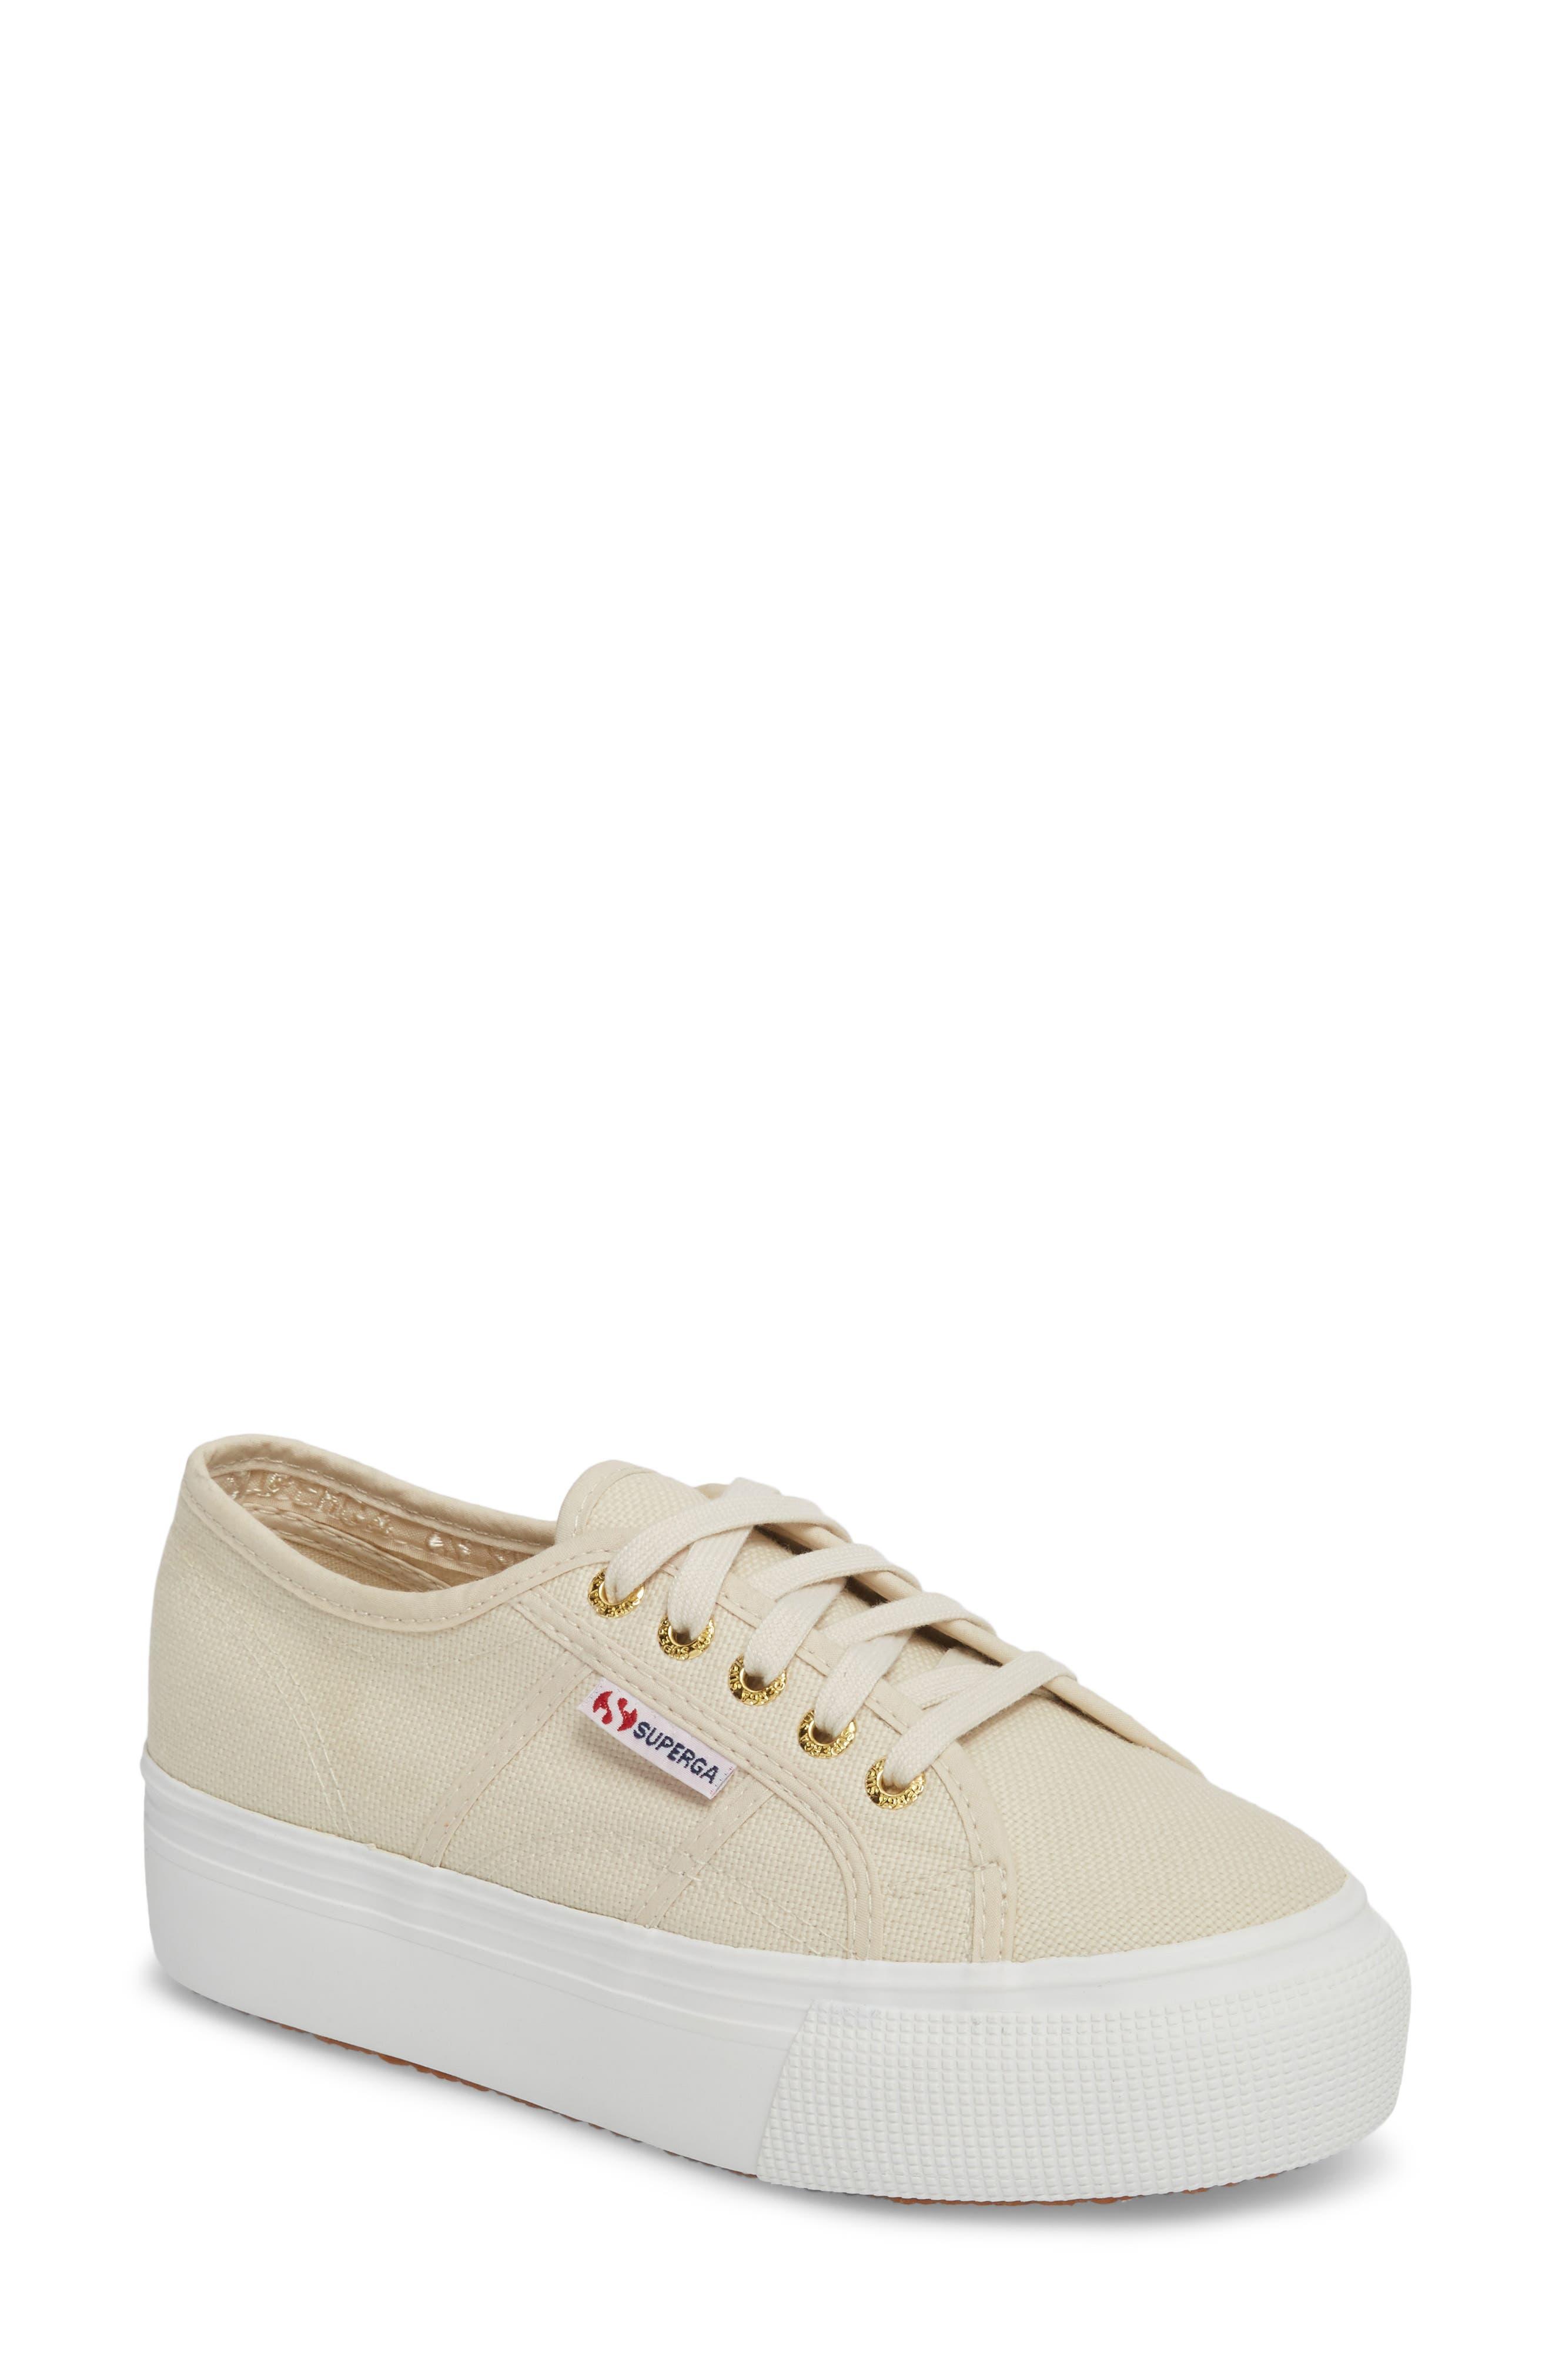 'Acot Linea' Sneaker,                         Main,                         color, Cafe Noir/ Cafe Noir